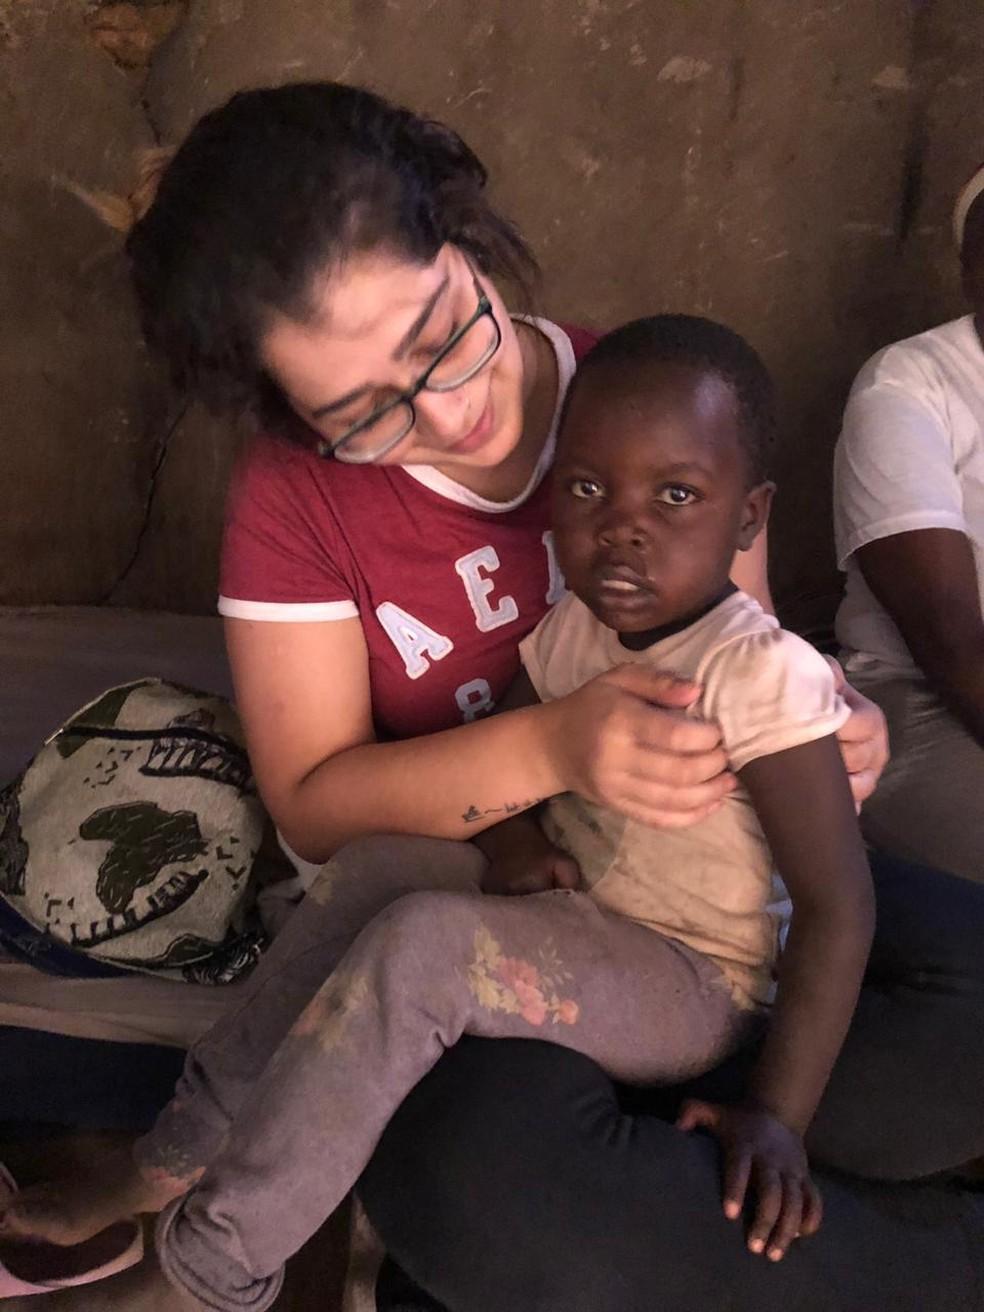 Segundo a estudante, crianças vivem em situação precária e passam fome no Quênia  — Foto: Arquivo pessoal